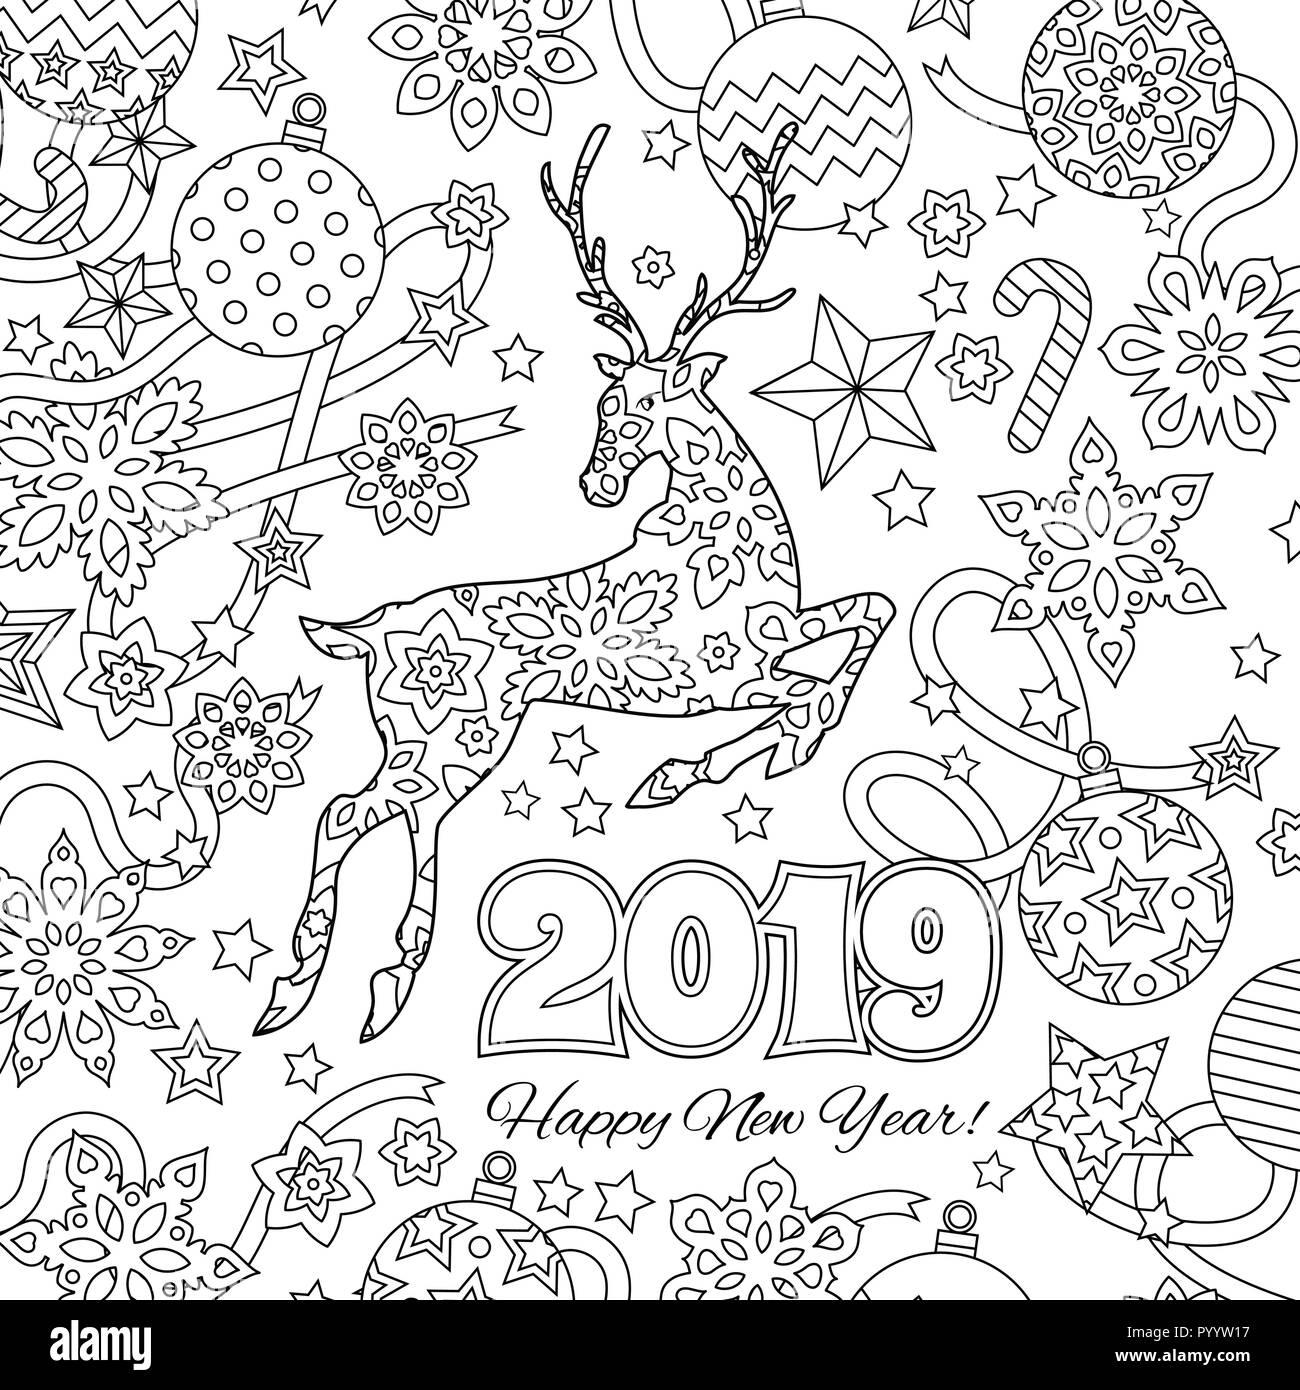 Carte Bonne Fete Zen.Nouvelle Annee Carte De Felicitations Avec Les Chiffres 2019 Les